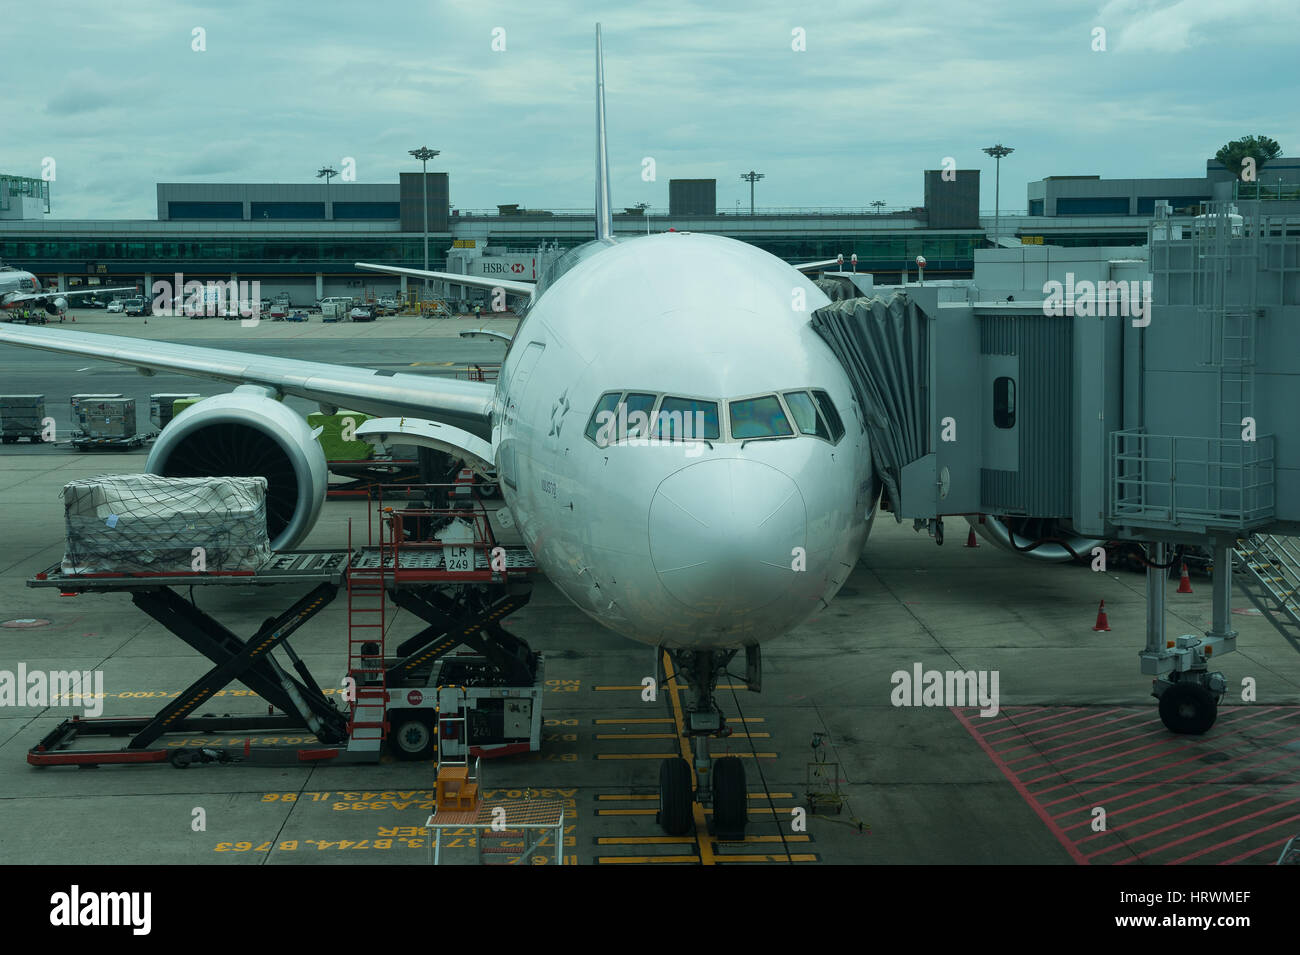 25.01.2017, Singapore, Repubblica di Singapore, in Asia - un Thai Airways piano passeggero è parcheggiato in Immagini Stock